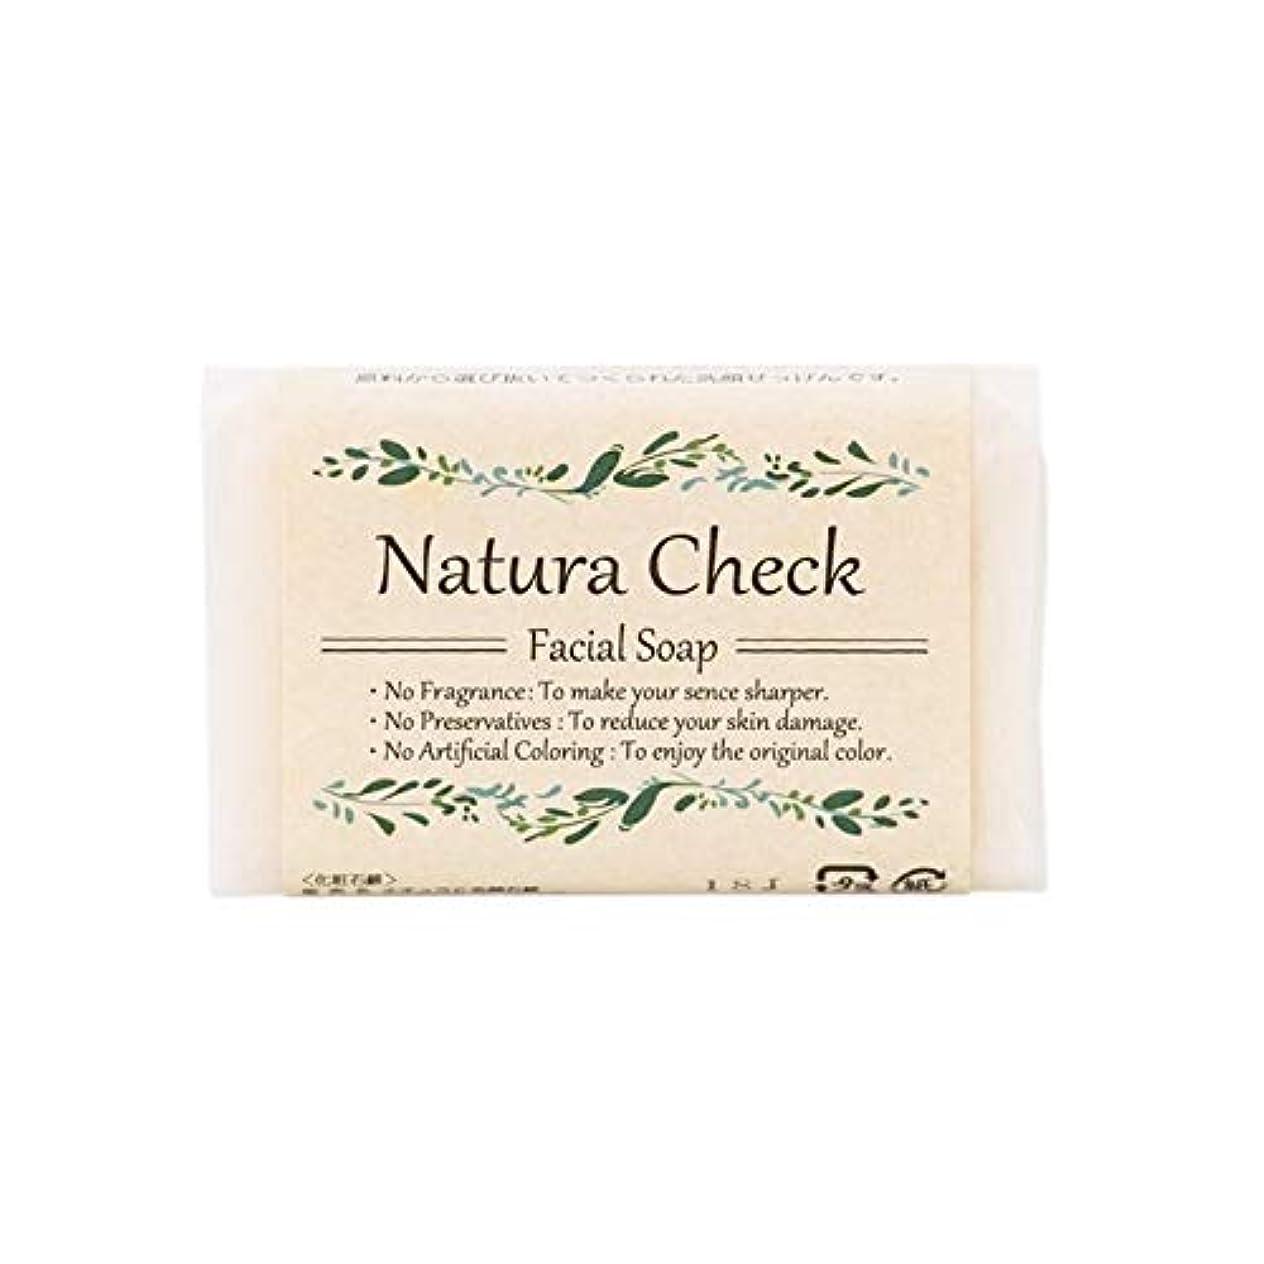 カーペット程度カストディアンNatura Check 無添加洗顔せっけん80g 毛穴の黒ずみ、毛穴の開き、敏感肌、乾燥肌対策に 新生児やアトピー肌にも安心